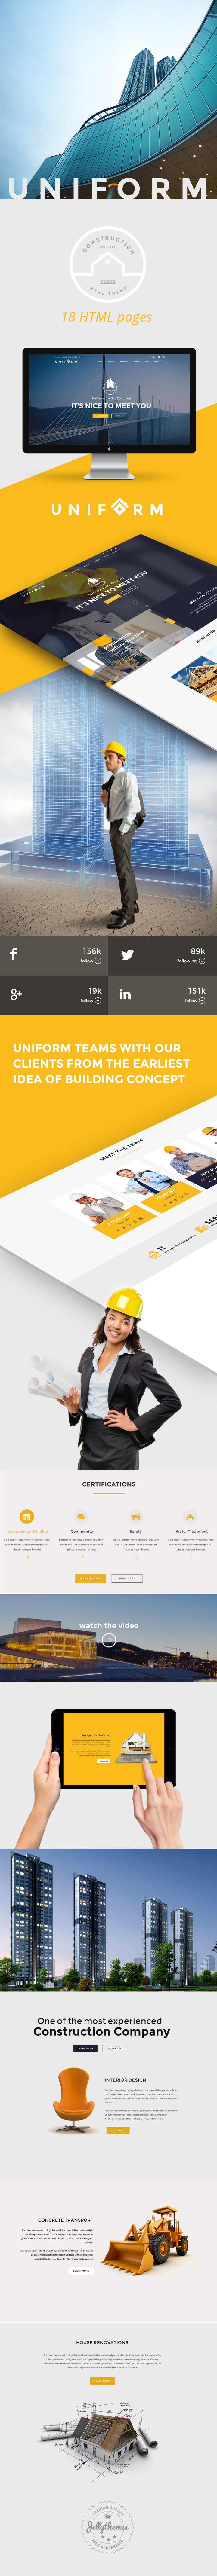 Uniform - Building & Construction HTML Template - 1